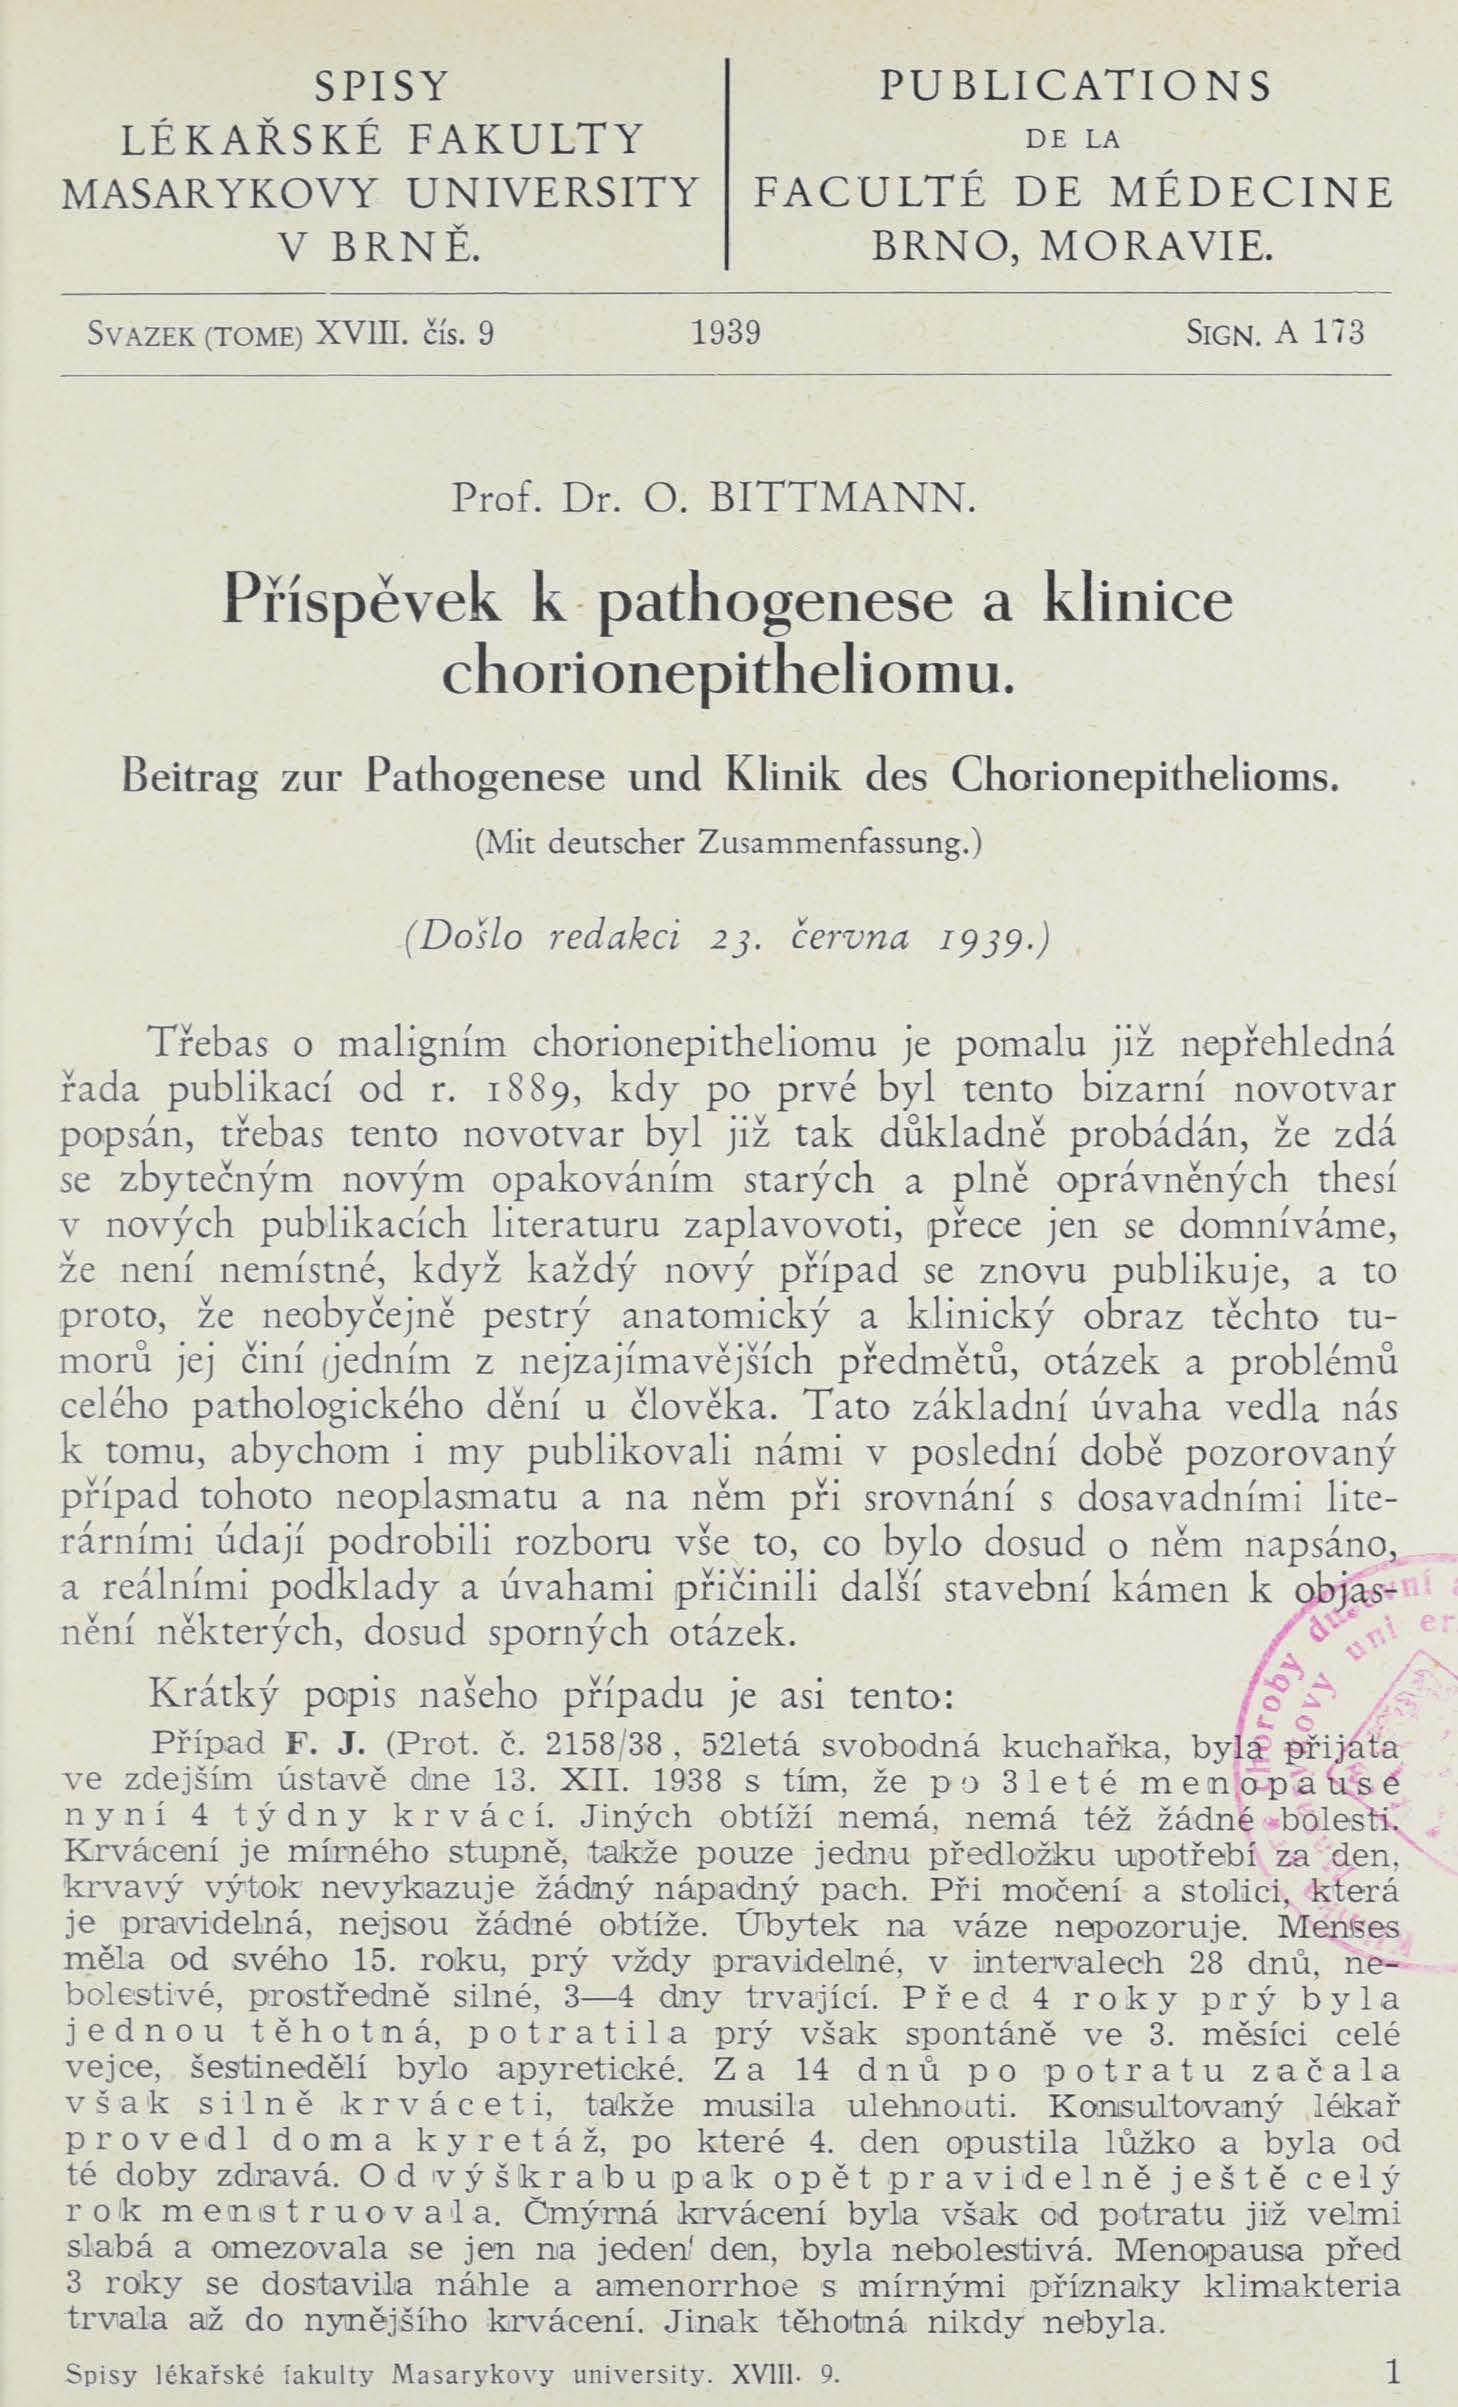 Obálka pro Příspěvek k pathogenese a klinice chorionepitheliomu / Beitrag zur Pathogenese und Klinik des Chorionephithelioms